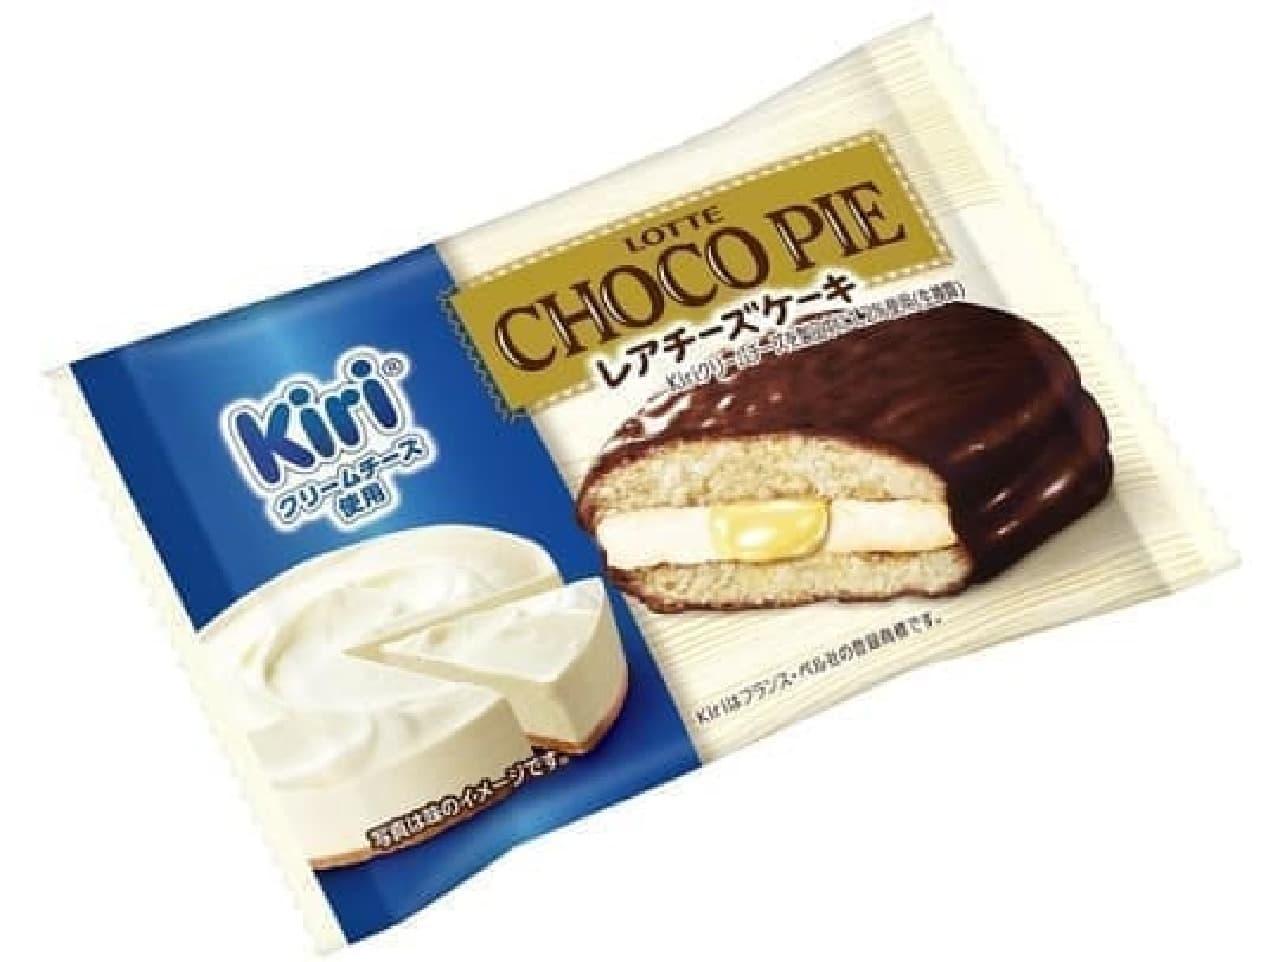 ロッテ「チョコパイ<レアチーズケーキ>個売り」